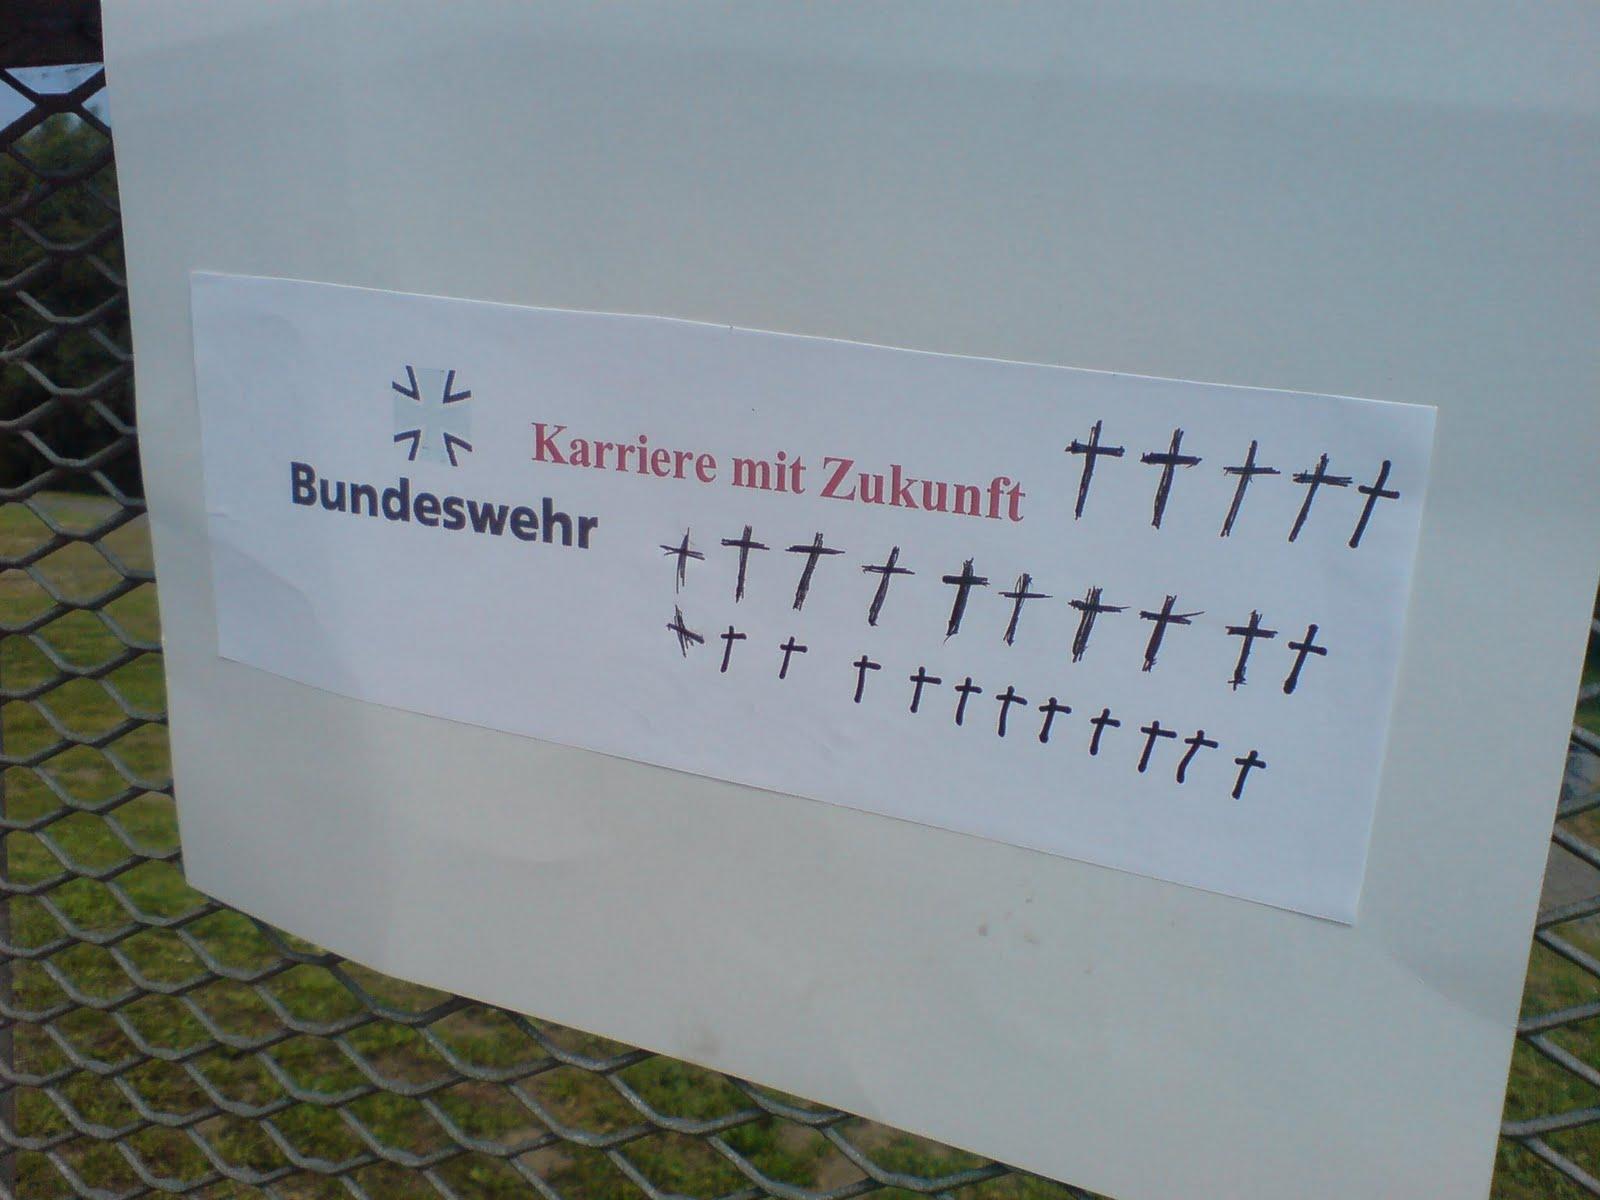 Bundeswehr wirbt auch 2011 weiter